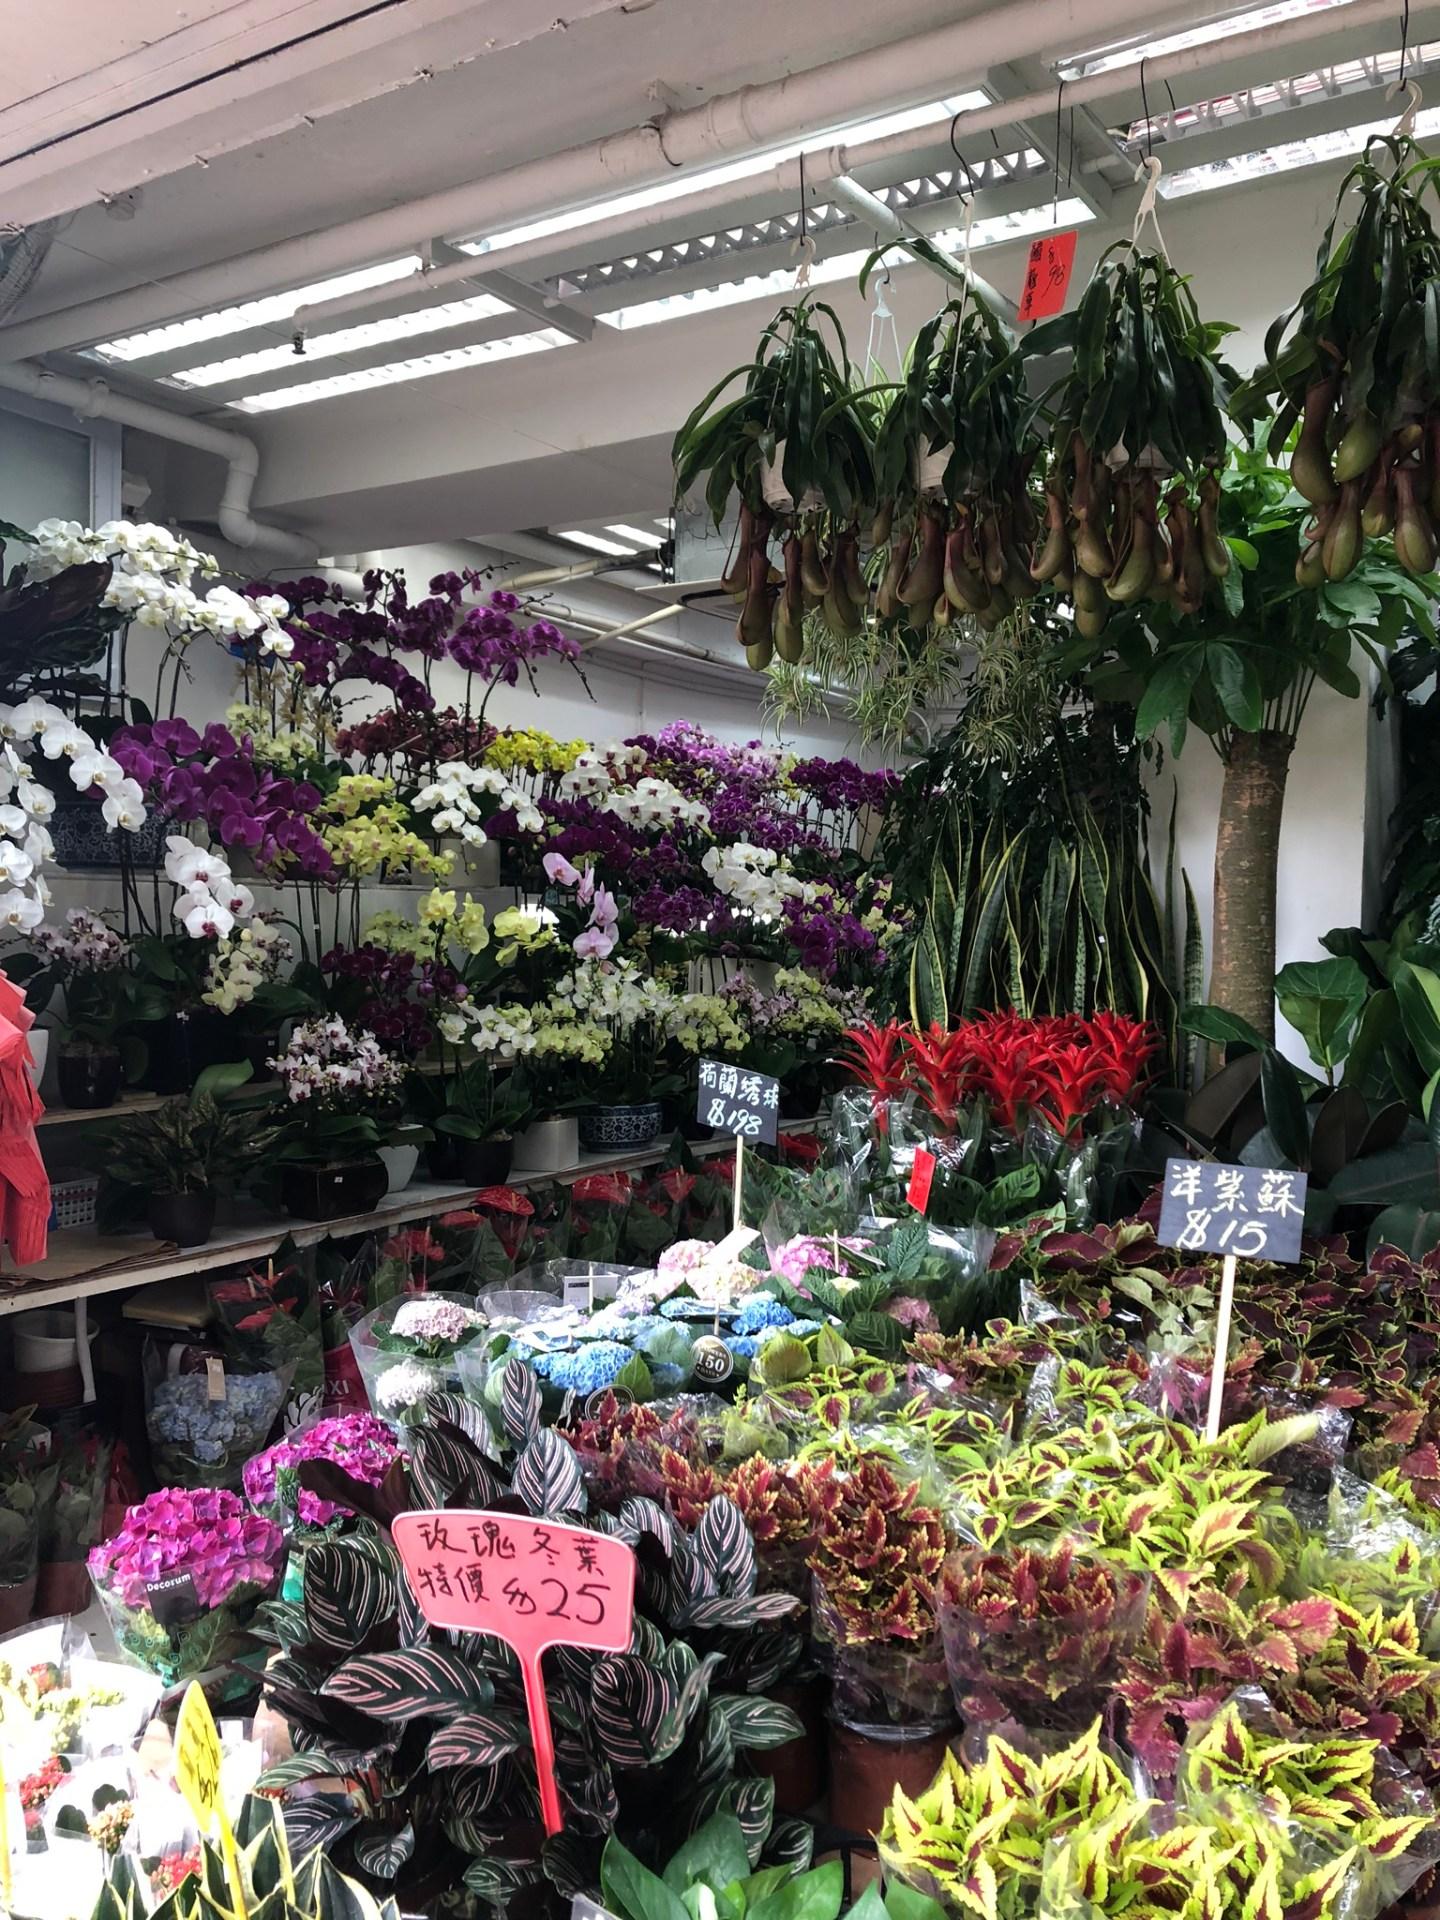 Flowers at Mong Kok Flower Market